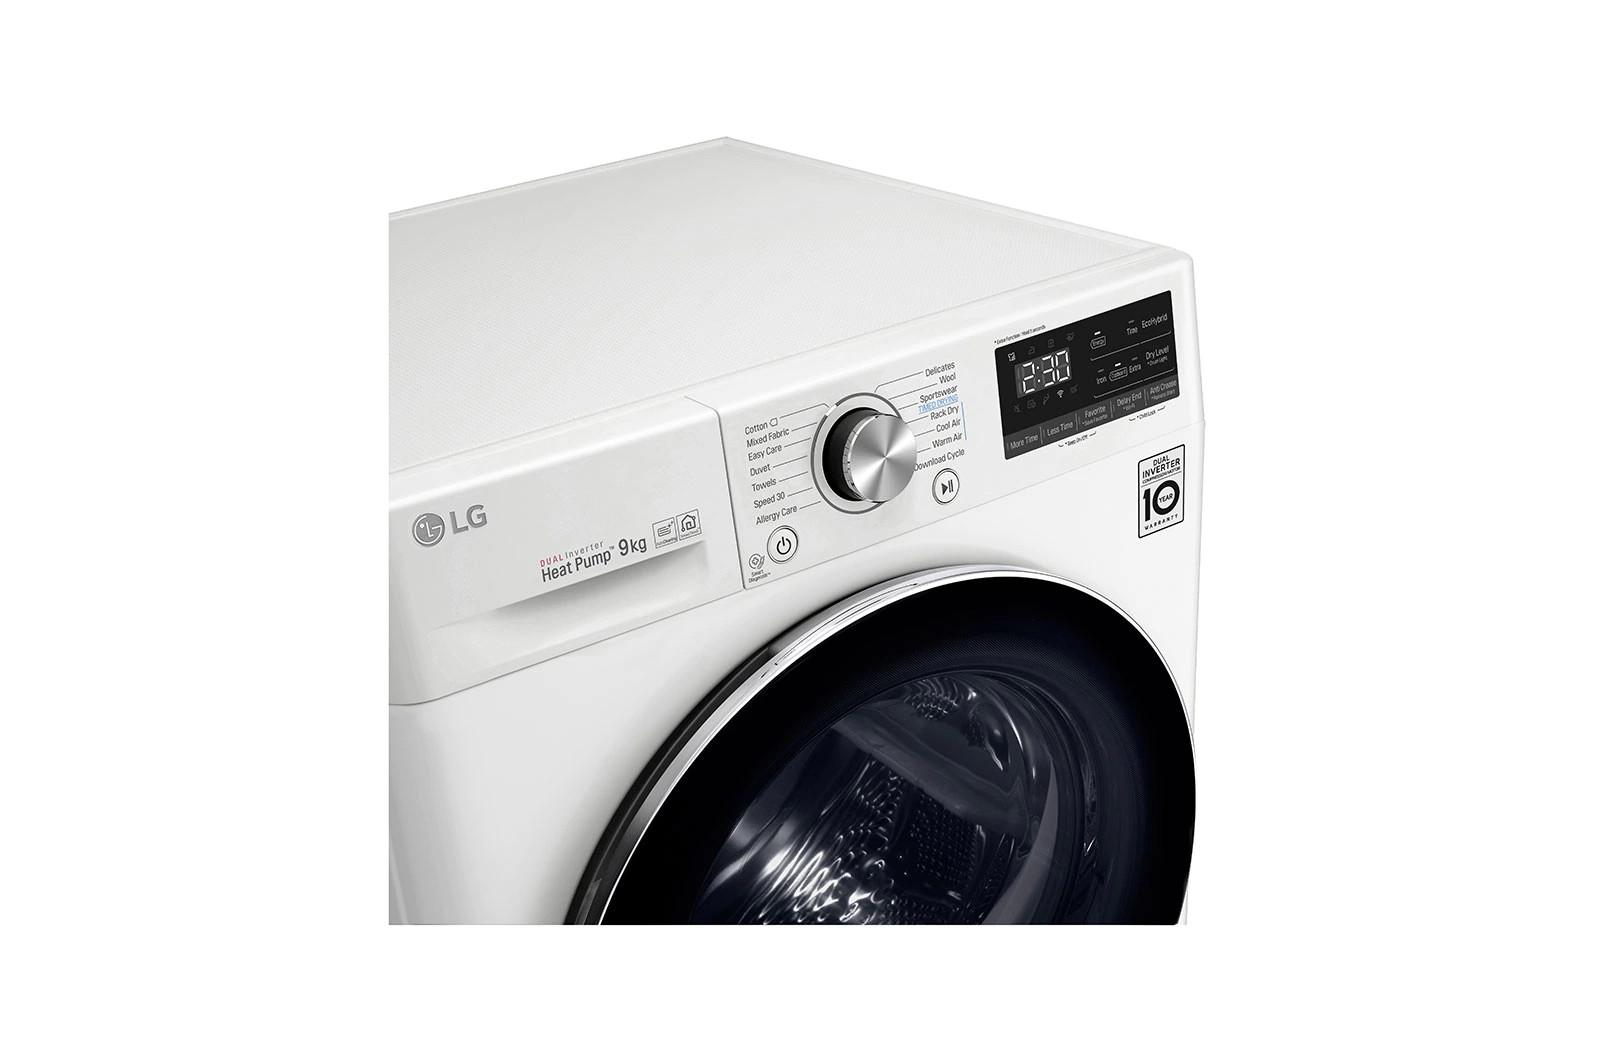 Máy sấy LG 9 Kg DVHP09W - HÀNG CHÍNH HÃNG - CHỈ GIAO TẠI HCM